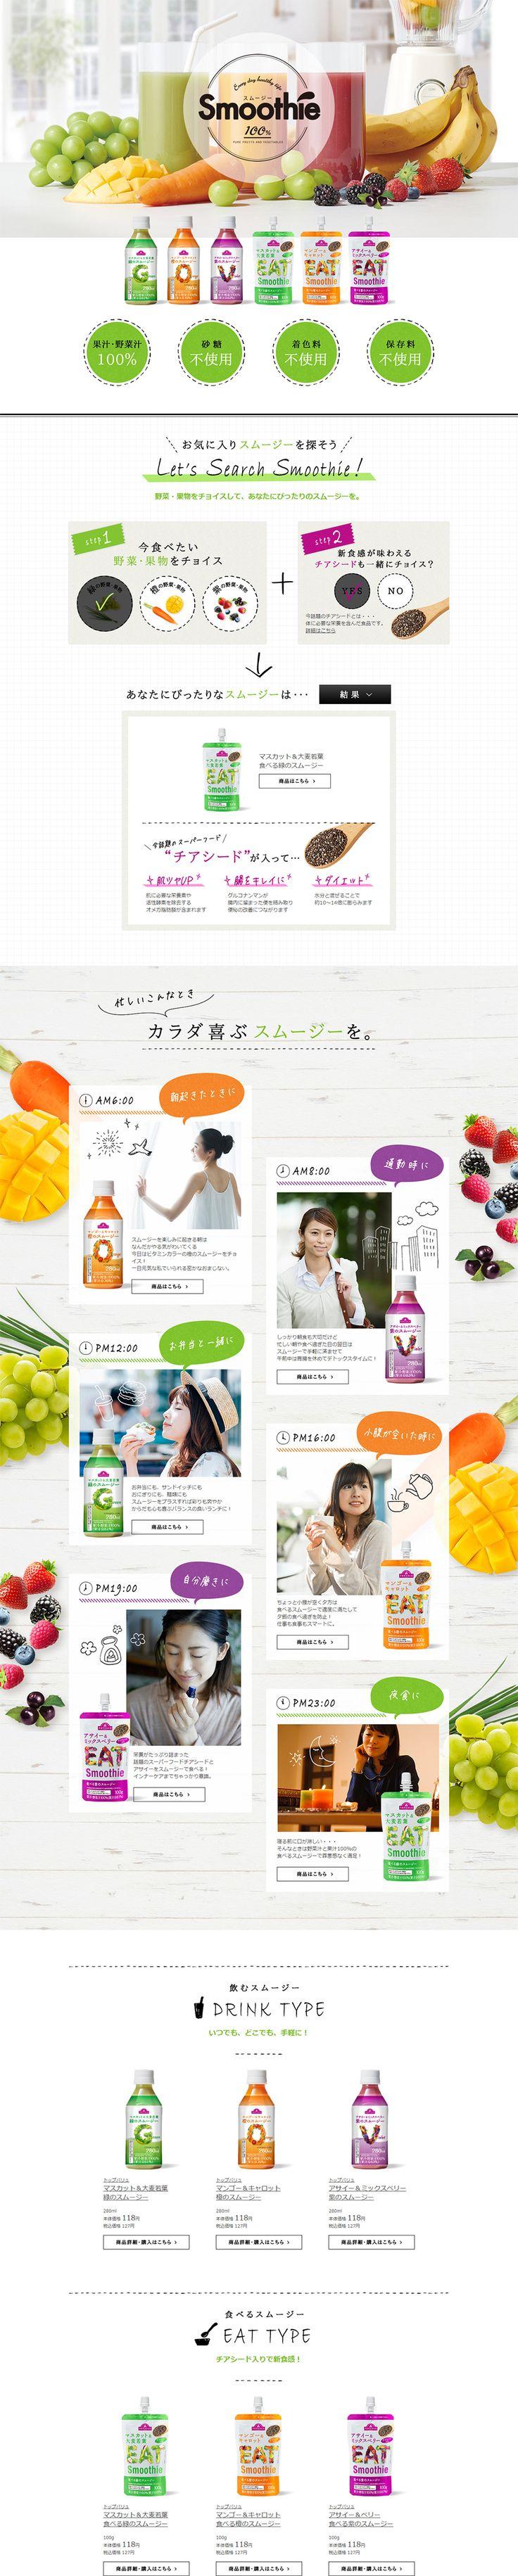 忙しい朝の通勤やランチのときに、カラダ喜ぶスムージーを。【飲料・お酒関連】のLPデザイン。WEBデザイナーさん必見!ランディングページのデザイン参考に(シンプル系)